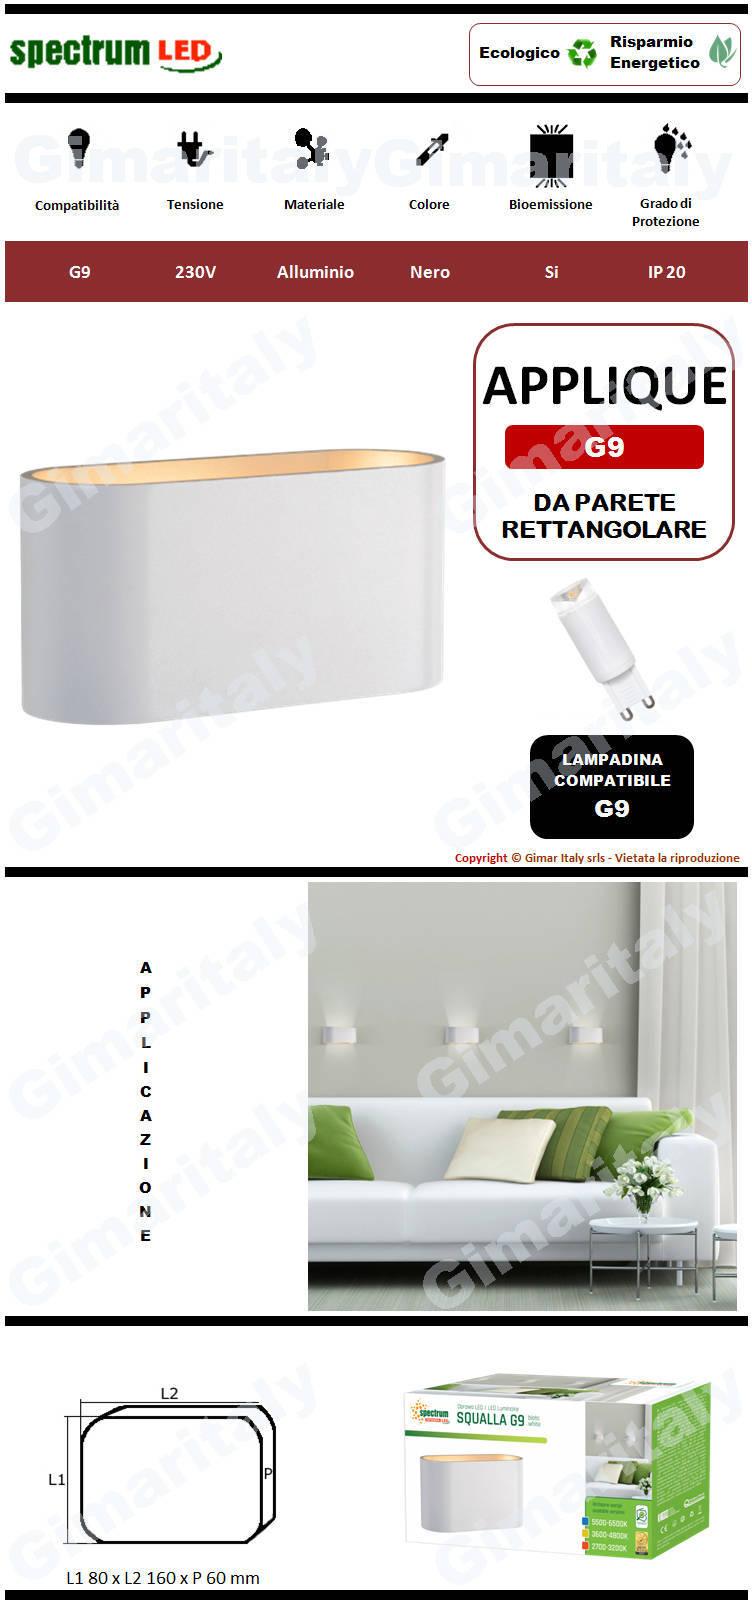 Applique Bianca da parete per lampadina G9 Spectrum